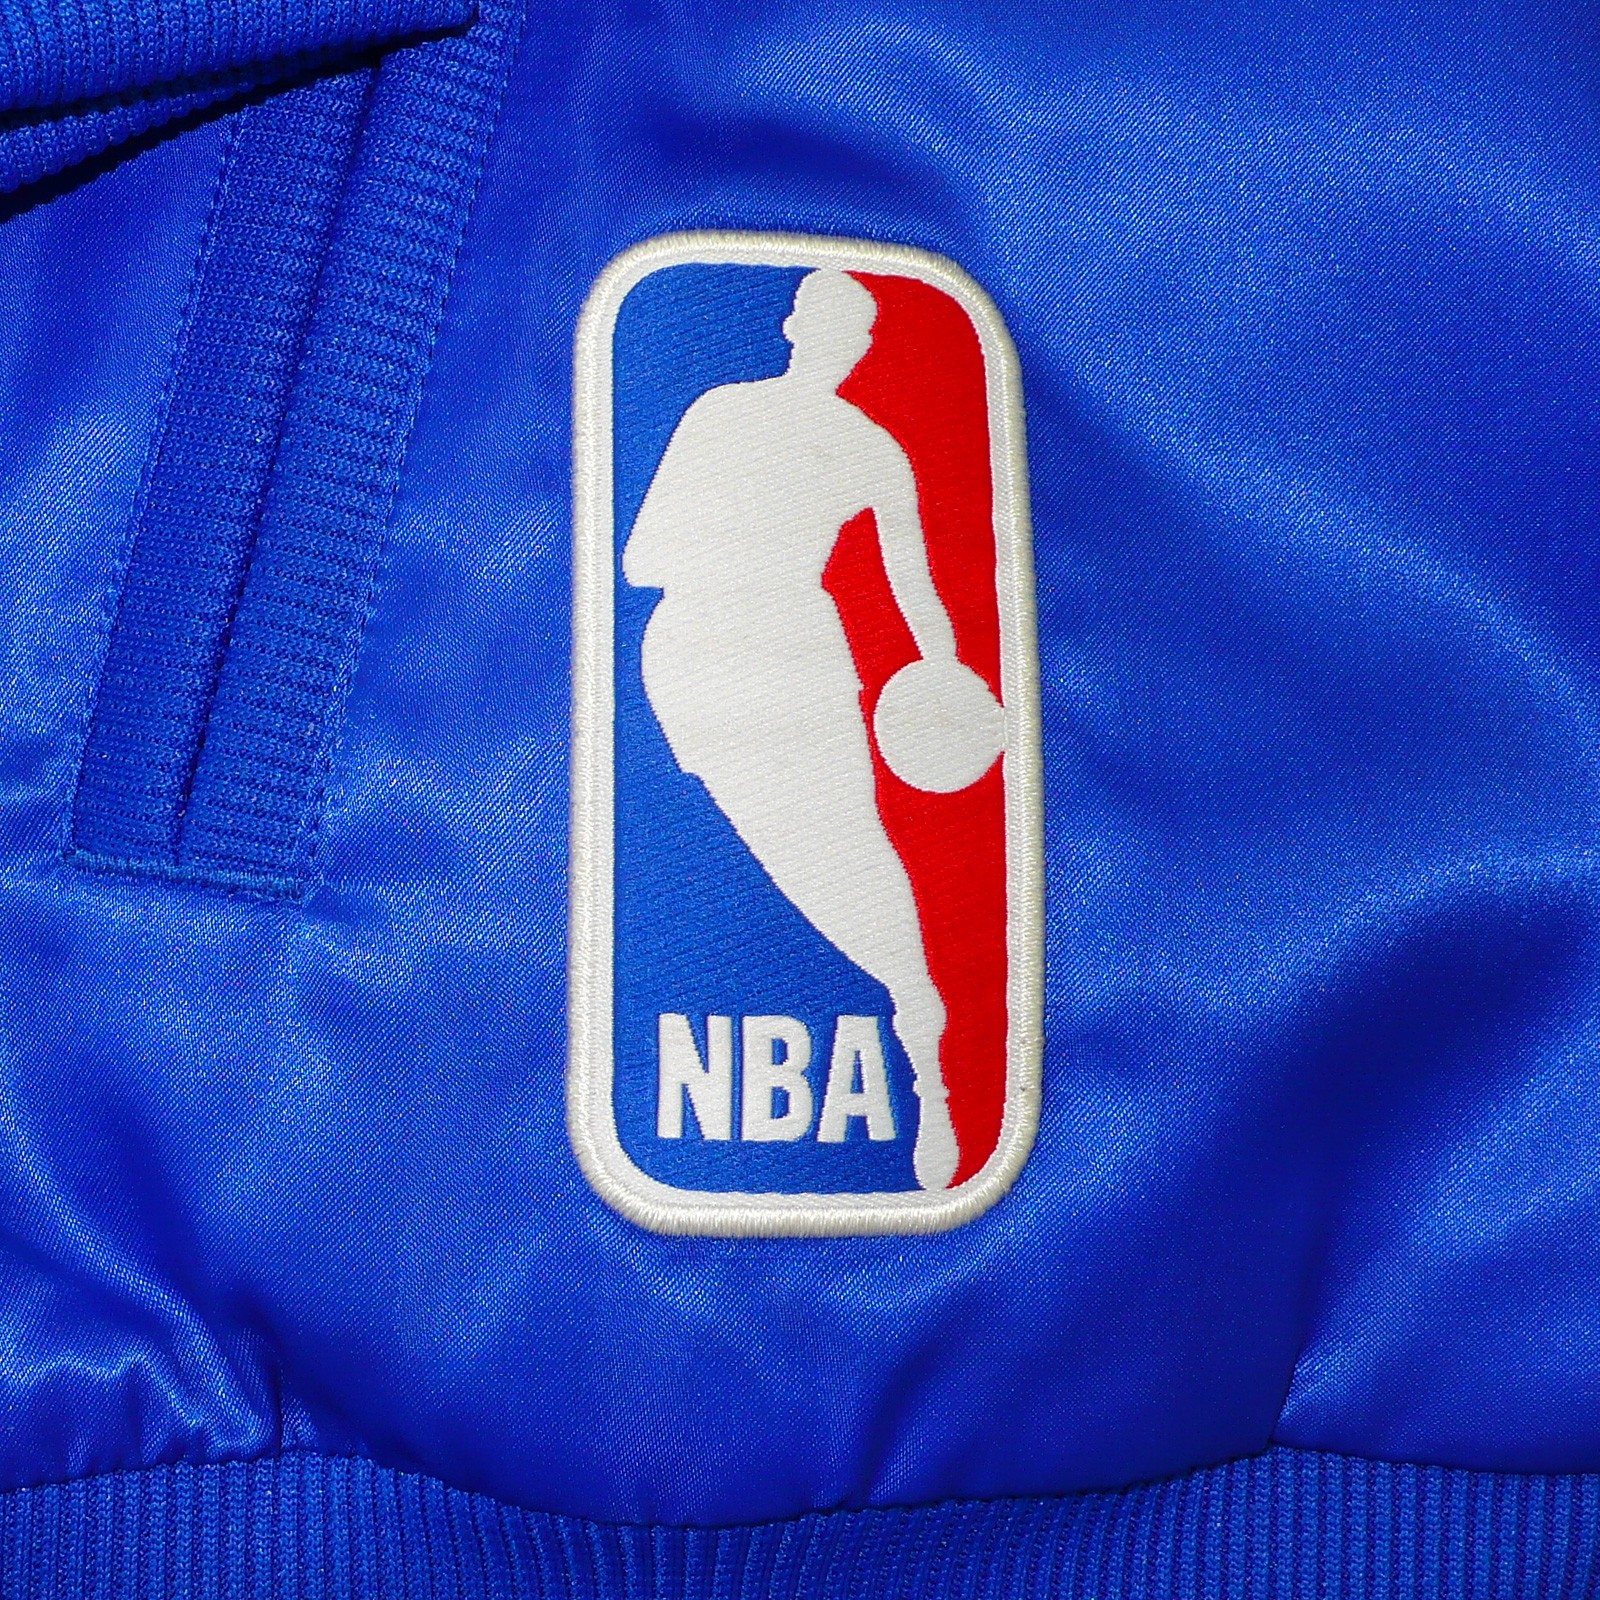 Adidas Denver Nuggets 3 Stripe Jacket: ADIDAS ORIGINALS NBA DENVER NUGGETS MEN'S JACKET PADDED BLUE